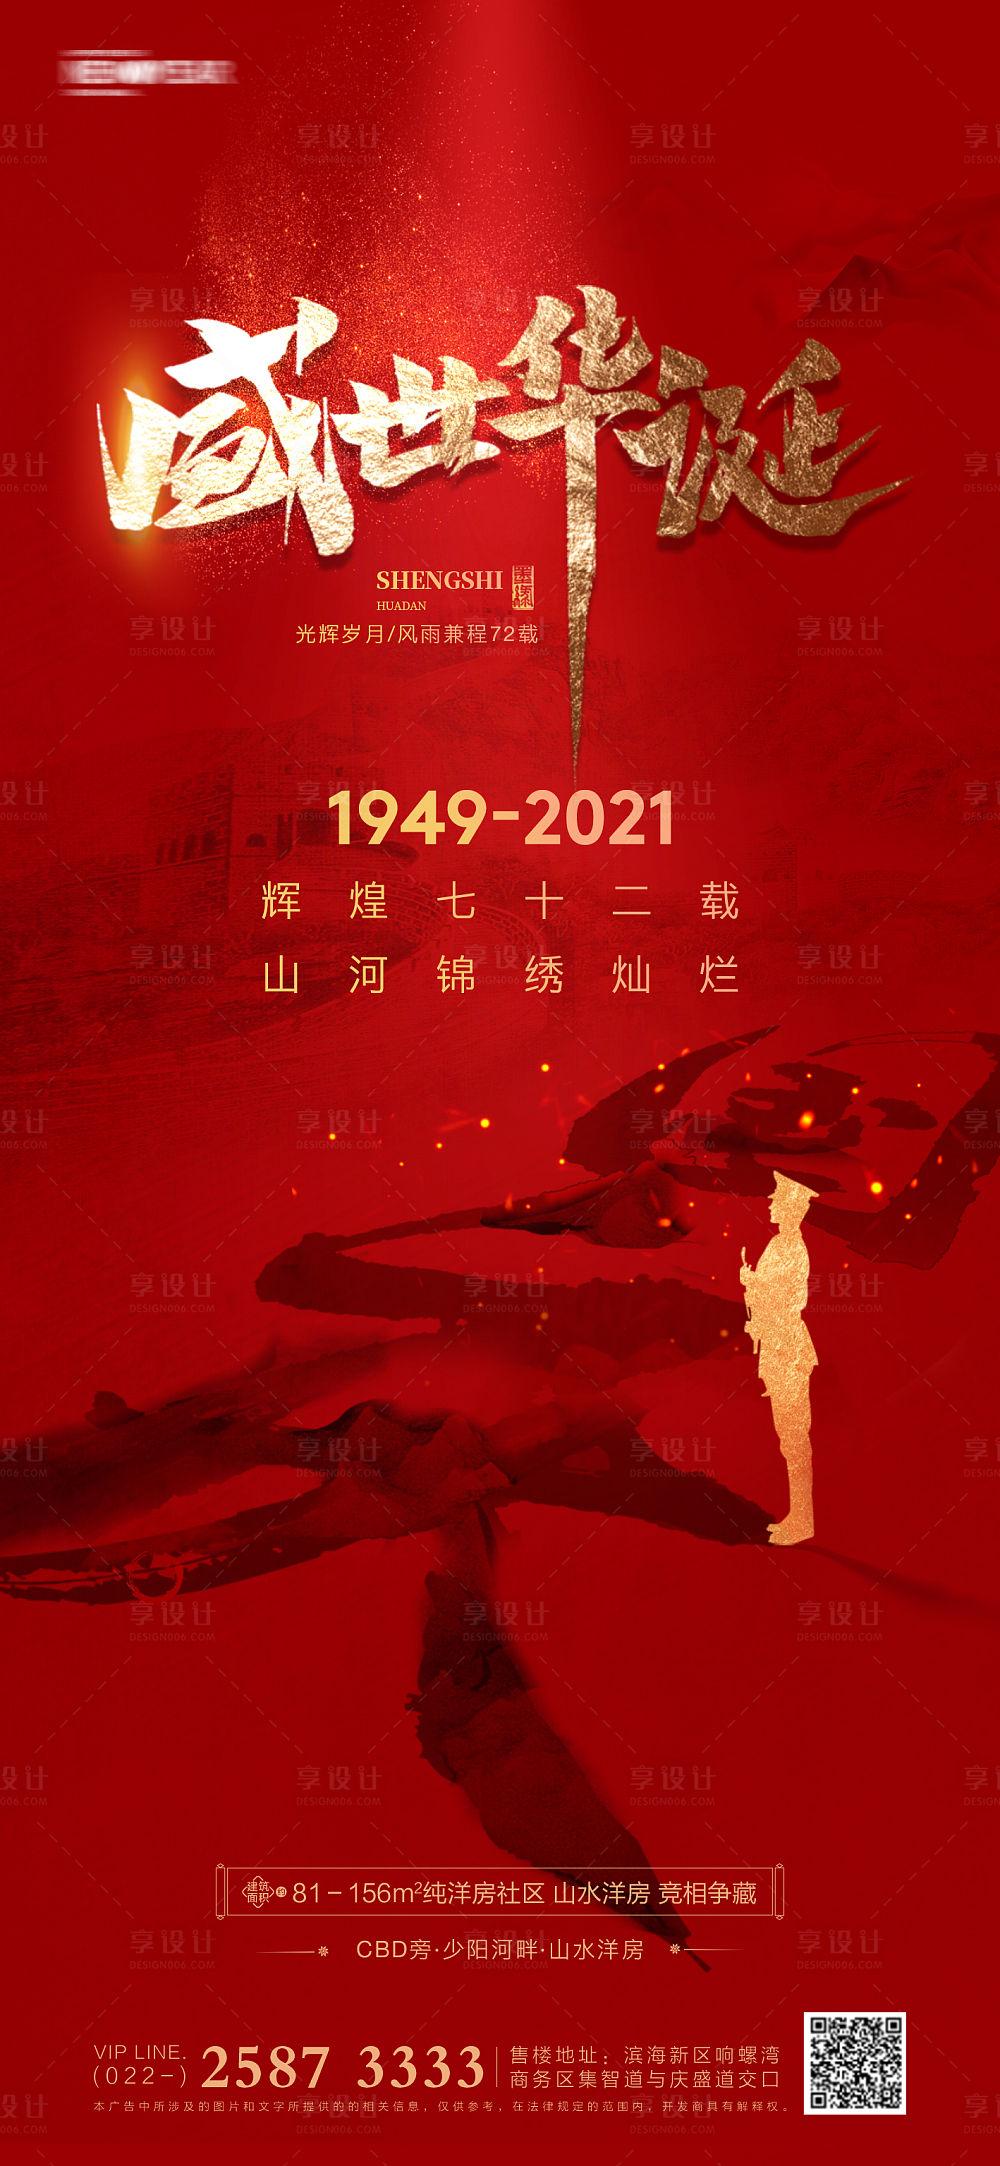 国庆节海报-源文件